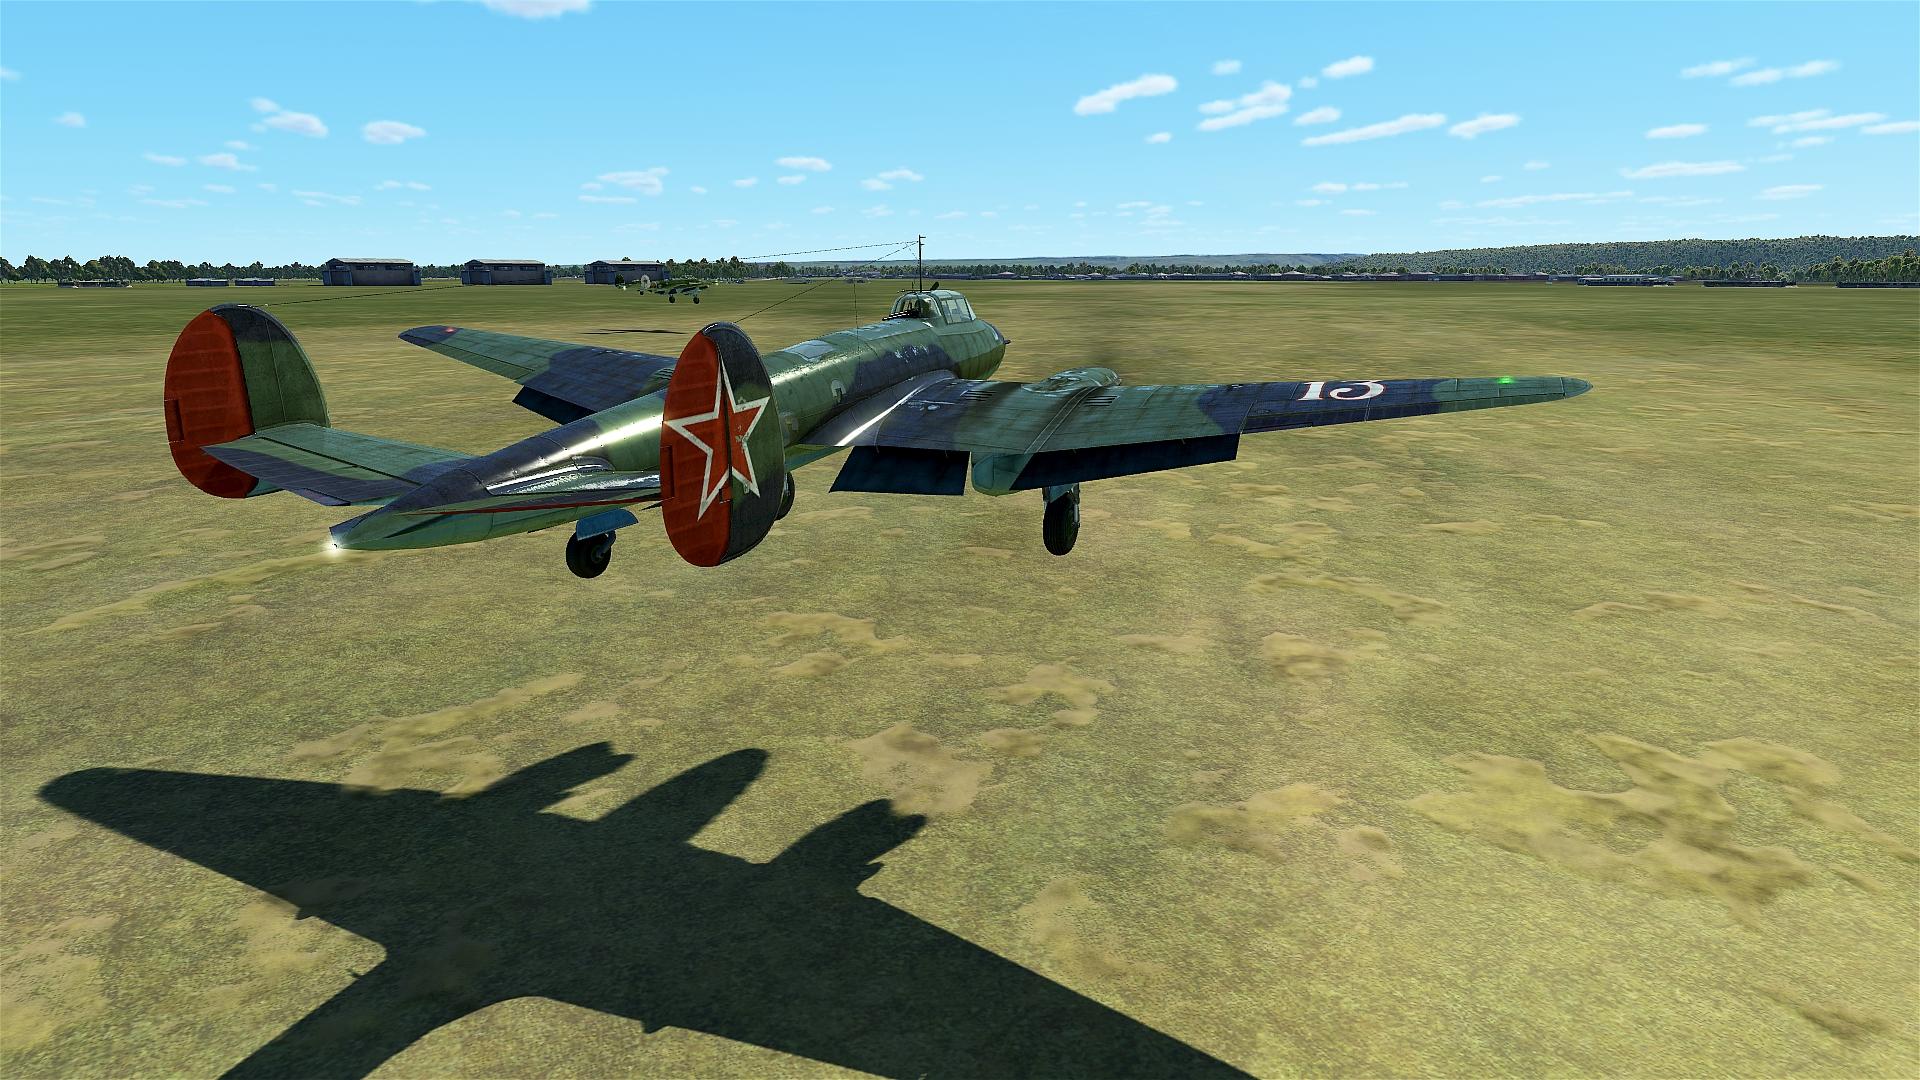 Un ptit CR en image de  la sortie de vendredi sur les Fnbf avec les NN en bomber ! 40889842034_0d77ff10c4_o